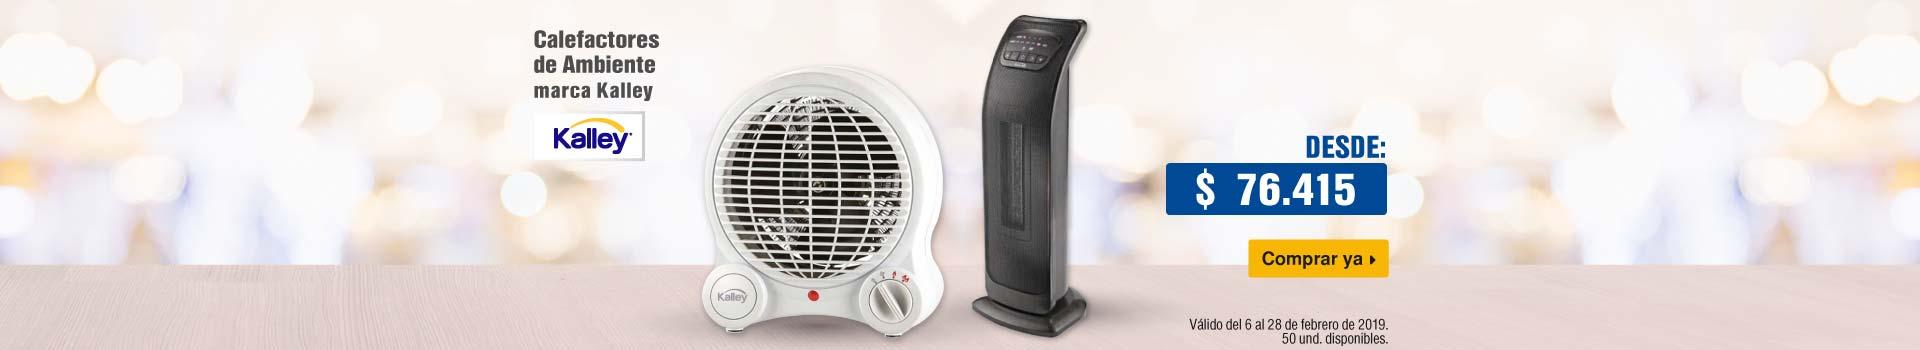 AK-KT-mayores-7-ELECT-BCAT-climatizacion-050219